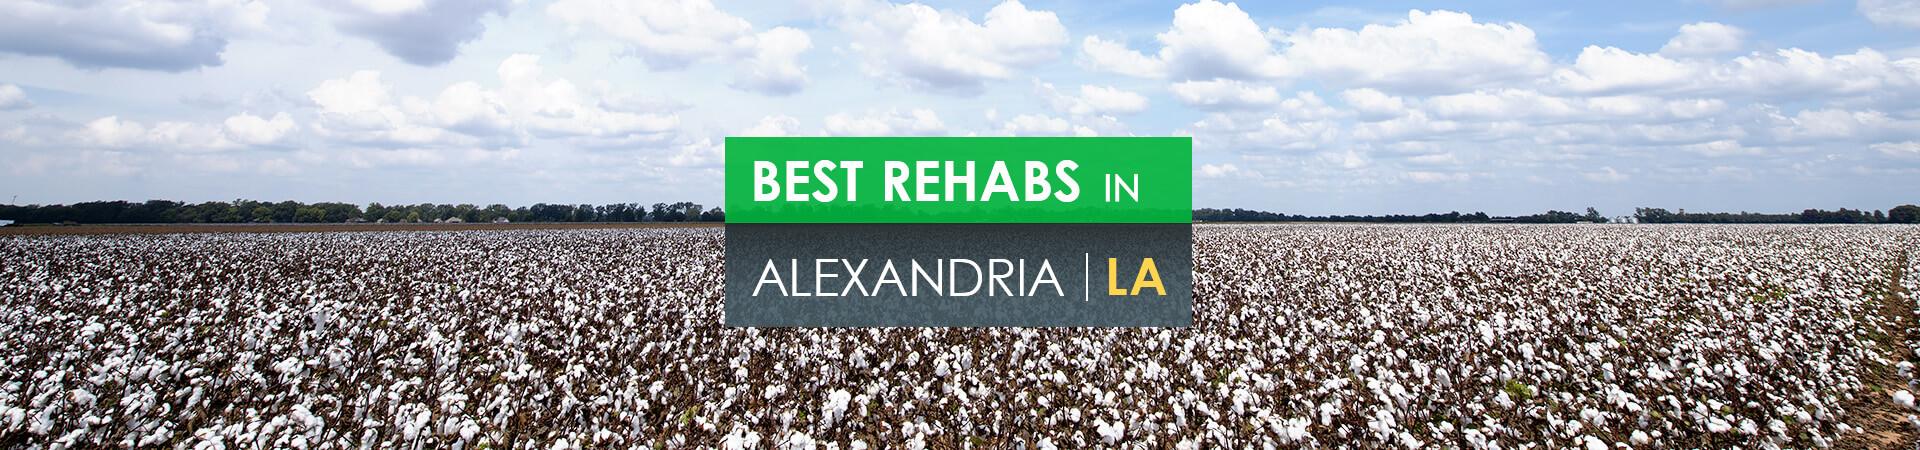 Best rehabs in Alexandria, LA